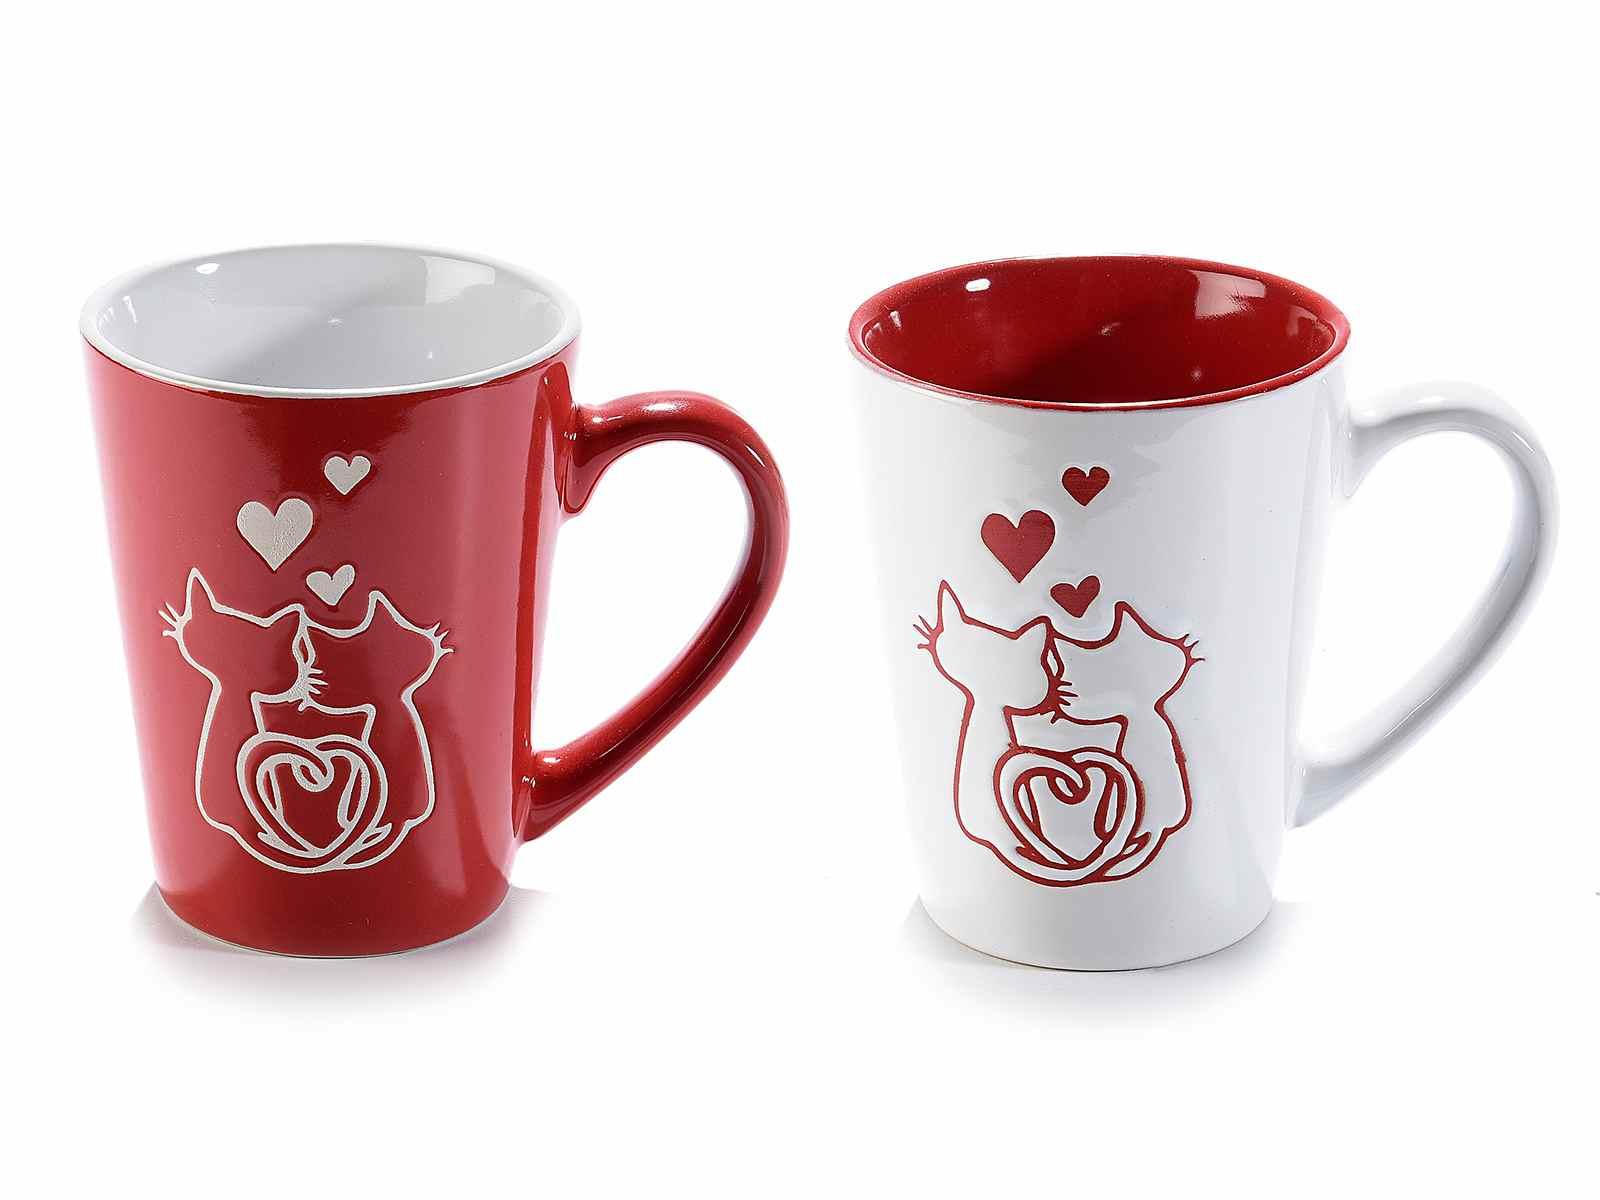 Tazze in ceramica colorata con decoro gatti innamorati (713912)